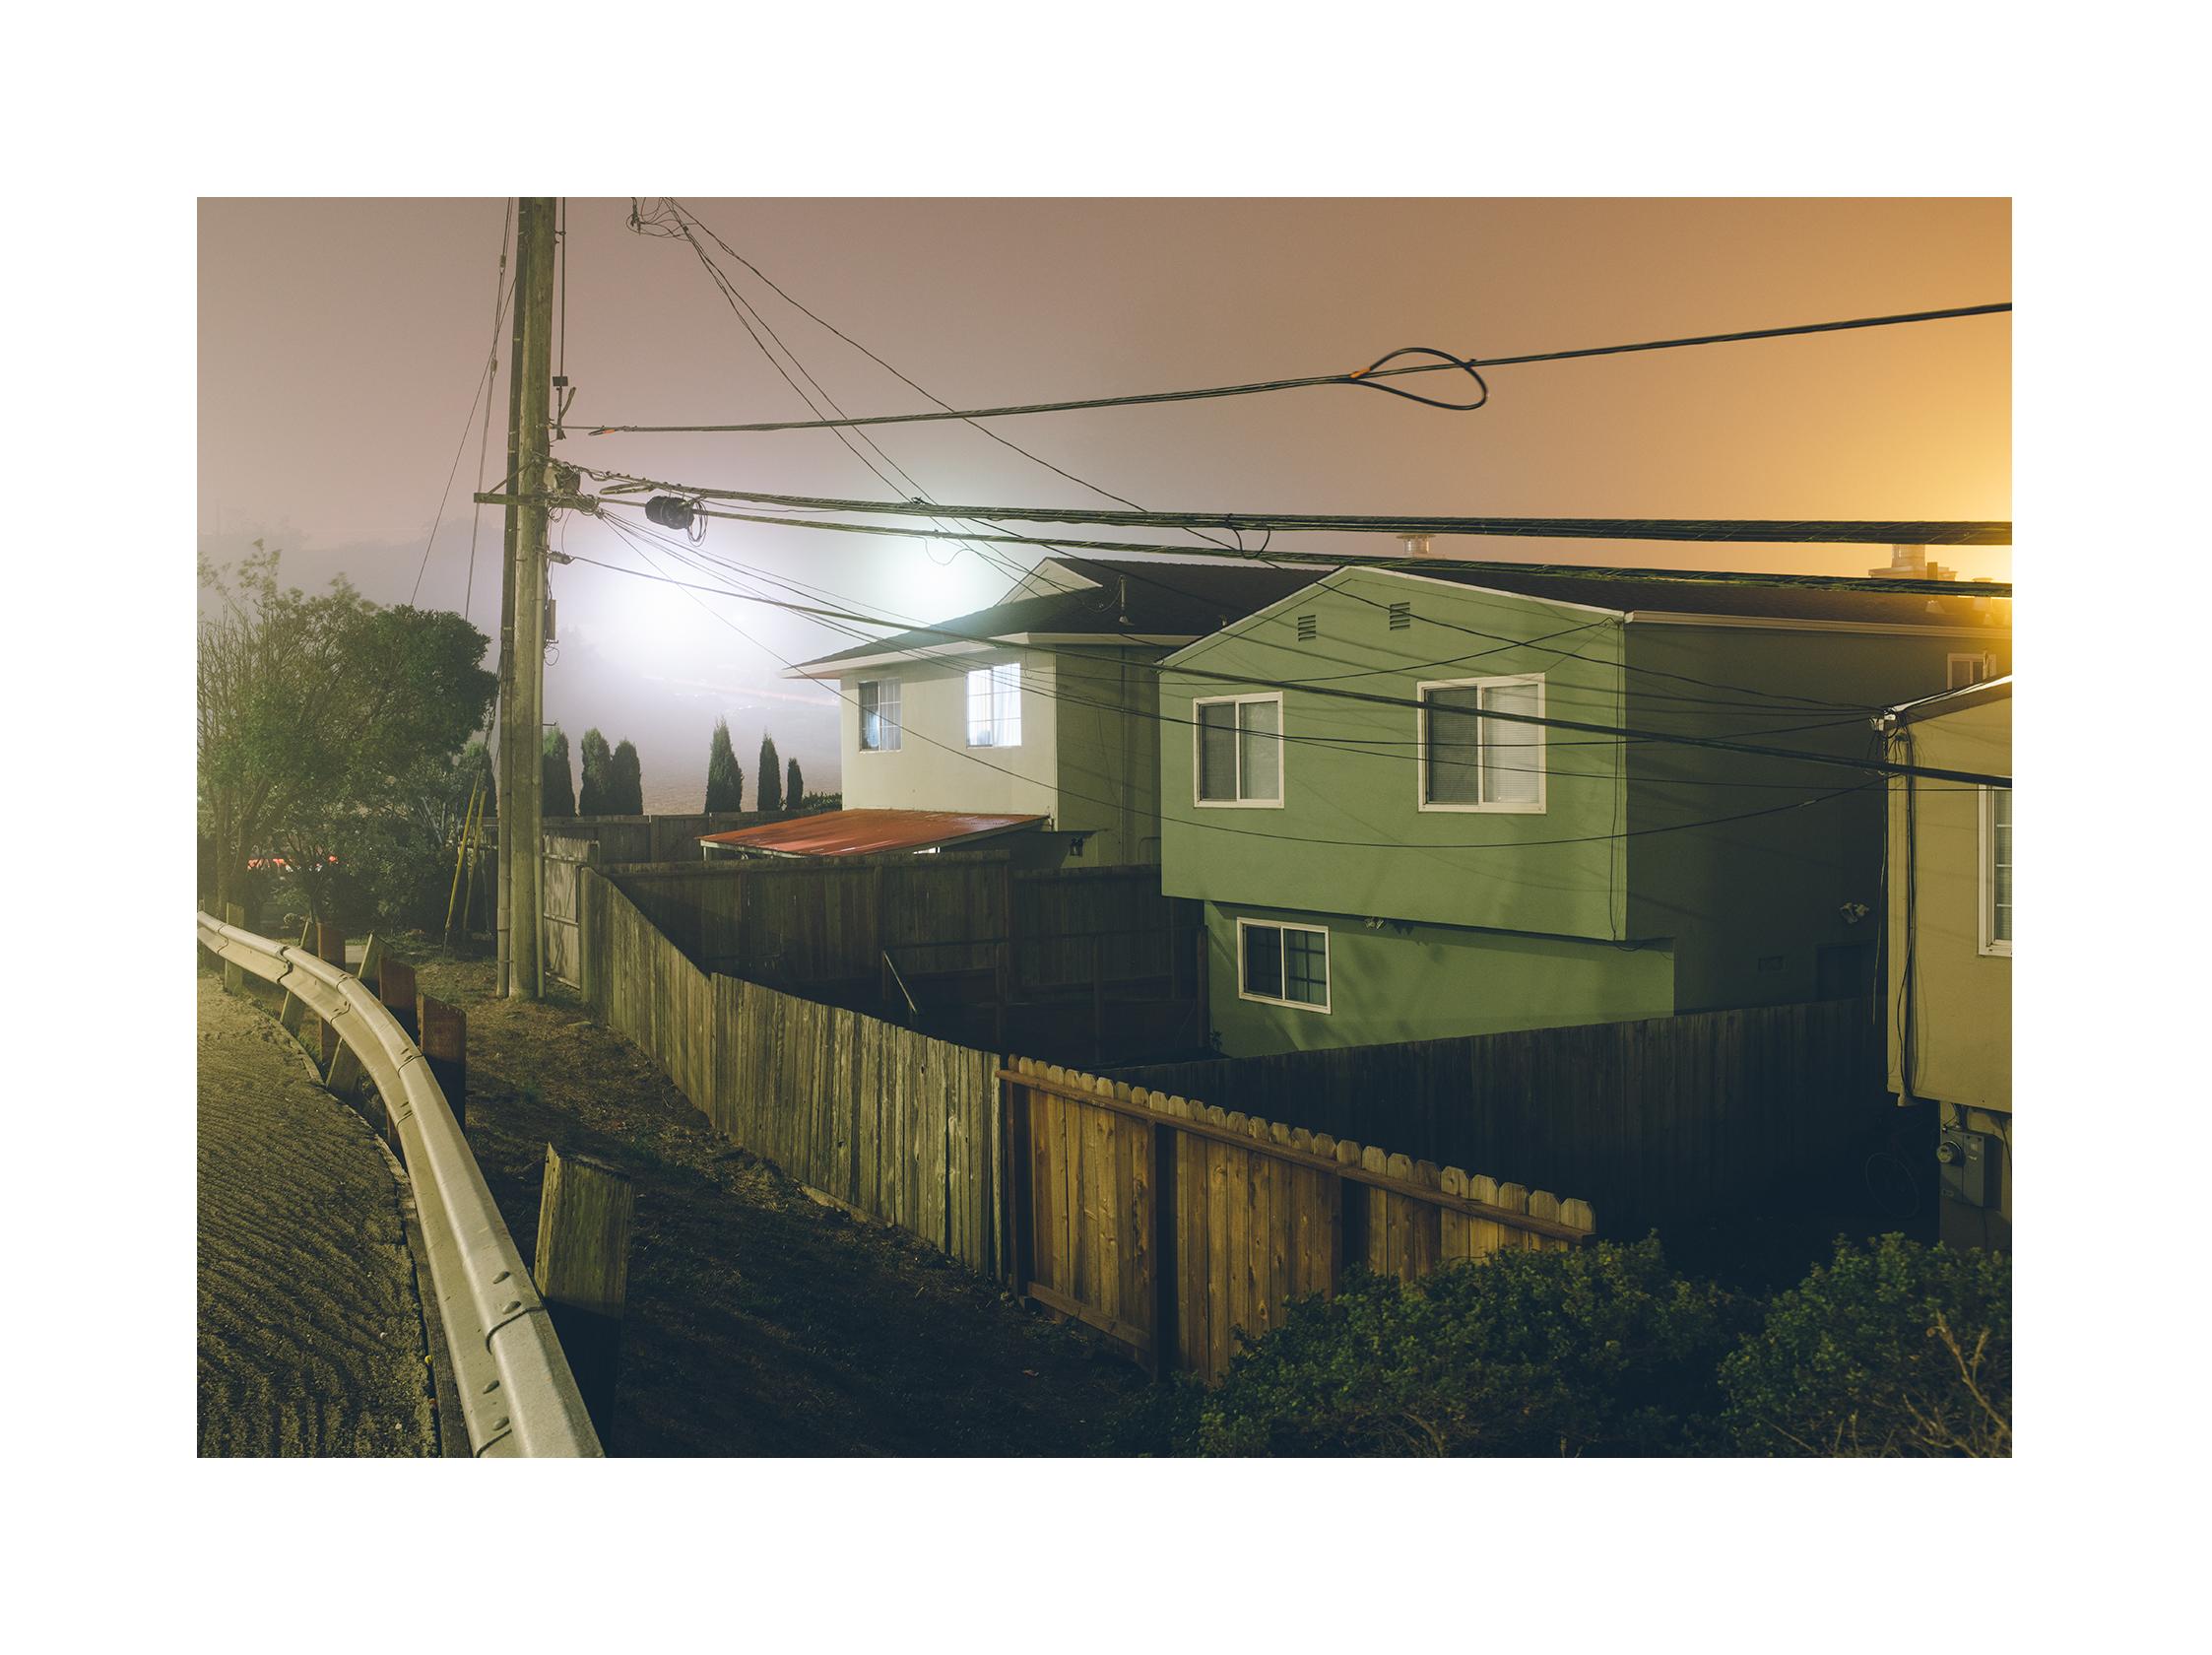 landscapes_064.jpg